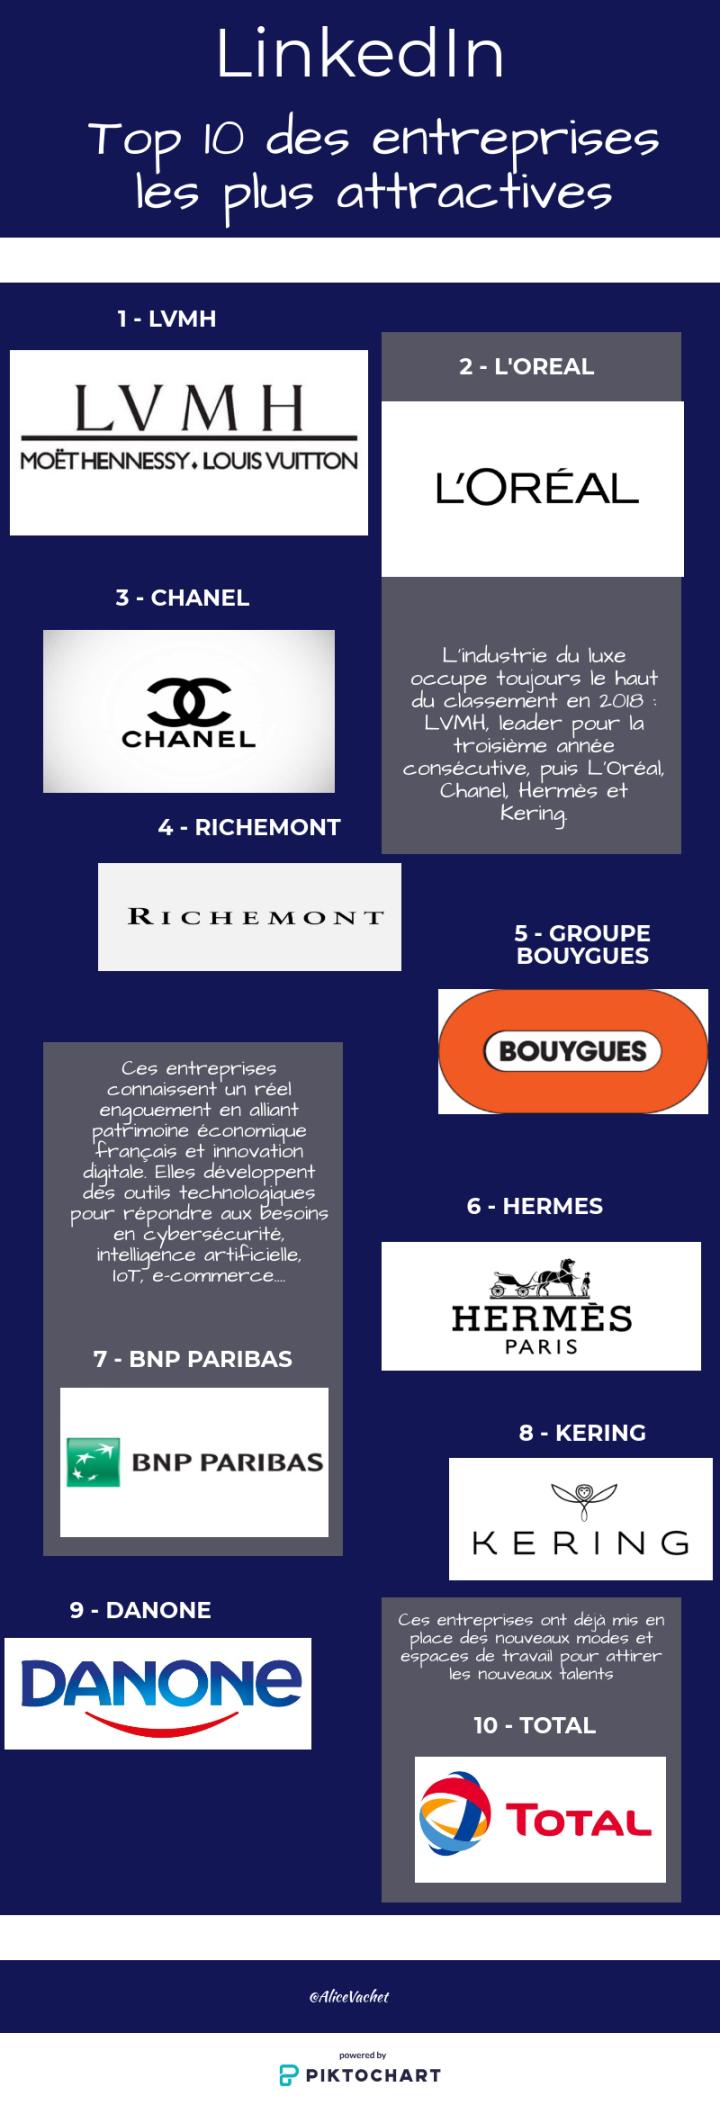 [INFOGRAPHIE] EMPLOYER BRANDING – Top 10 des entreprises les plus attractives surLinkedIn